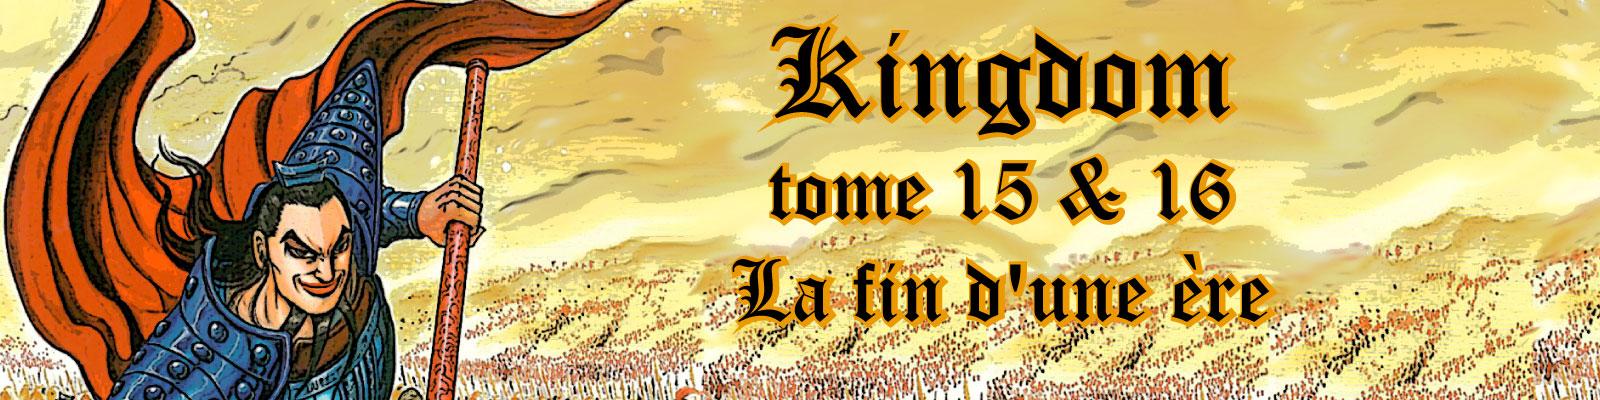 Kingdom T15 & 16